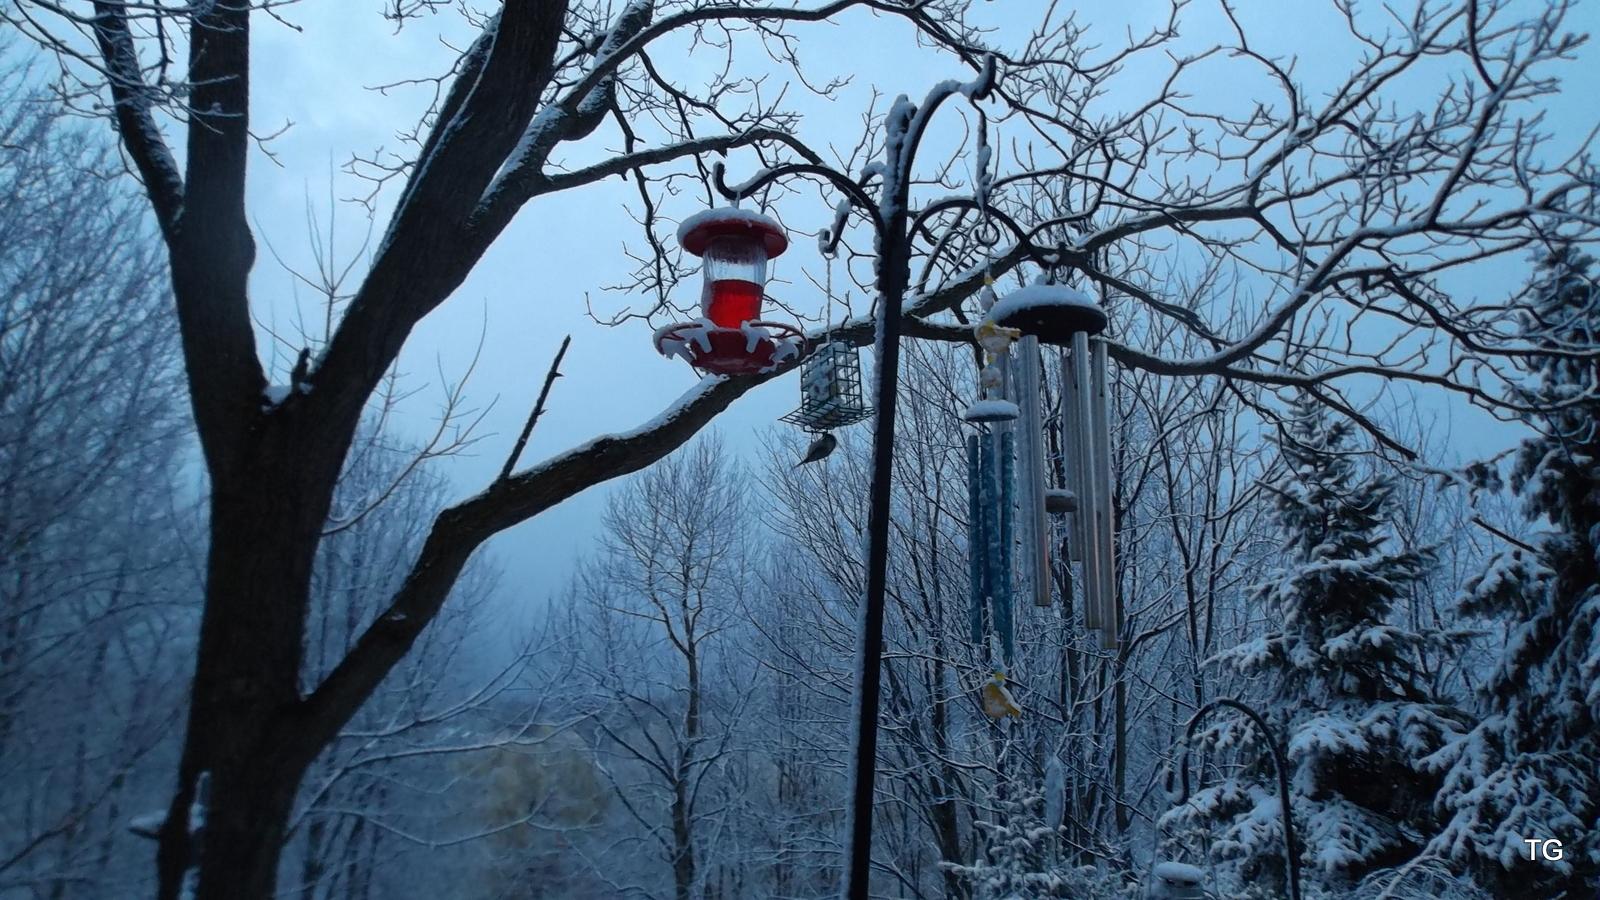 Bird under suet feeder in new spring snow